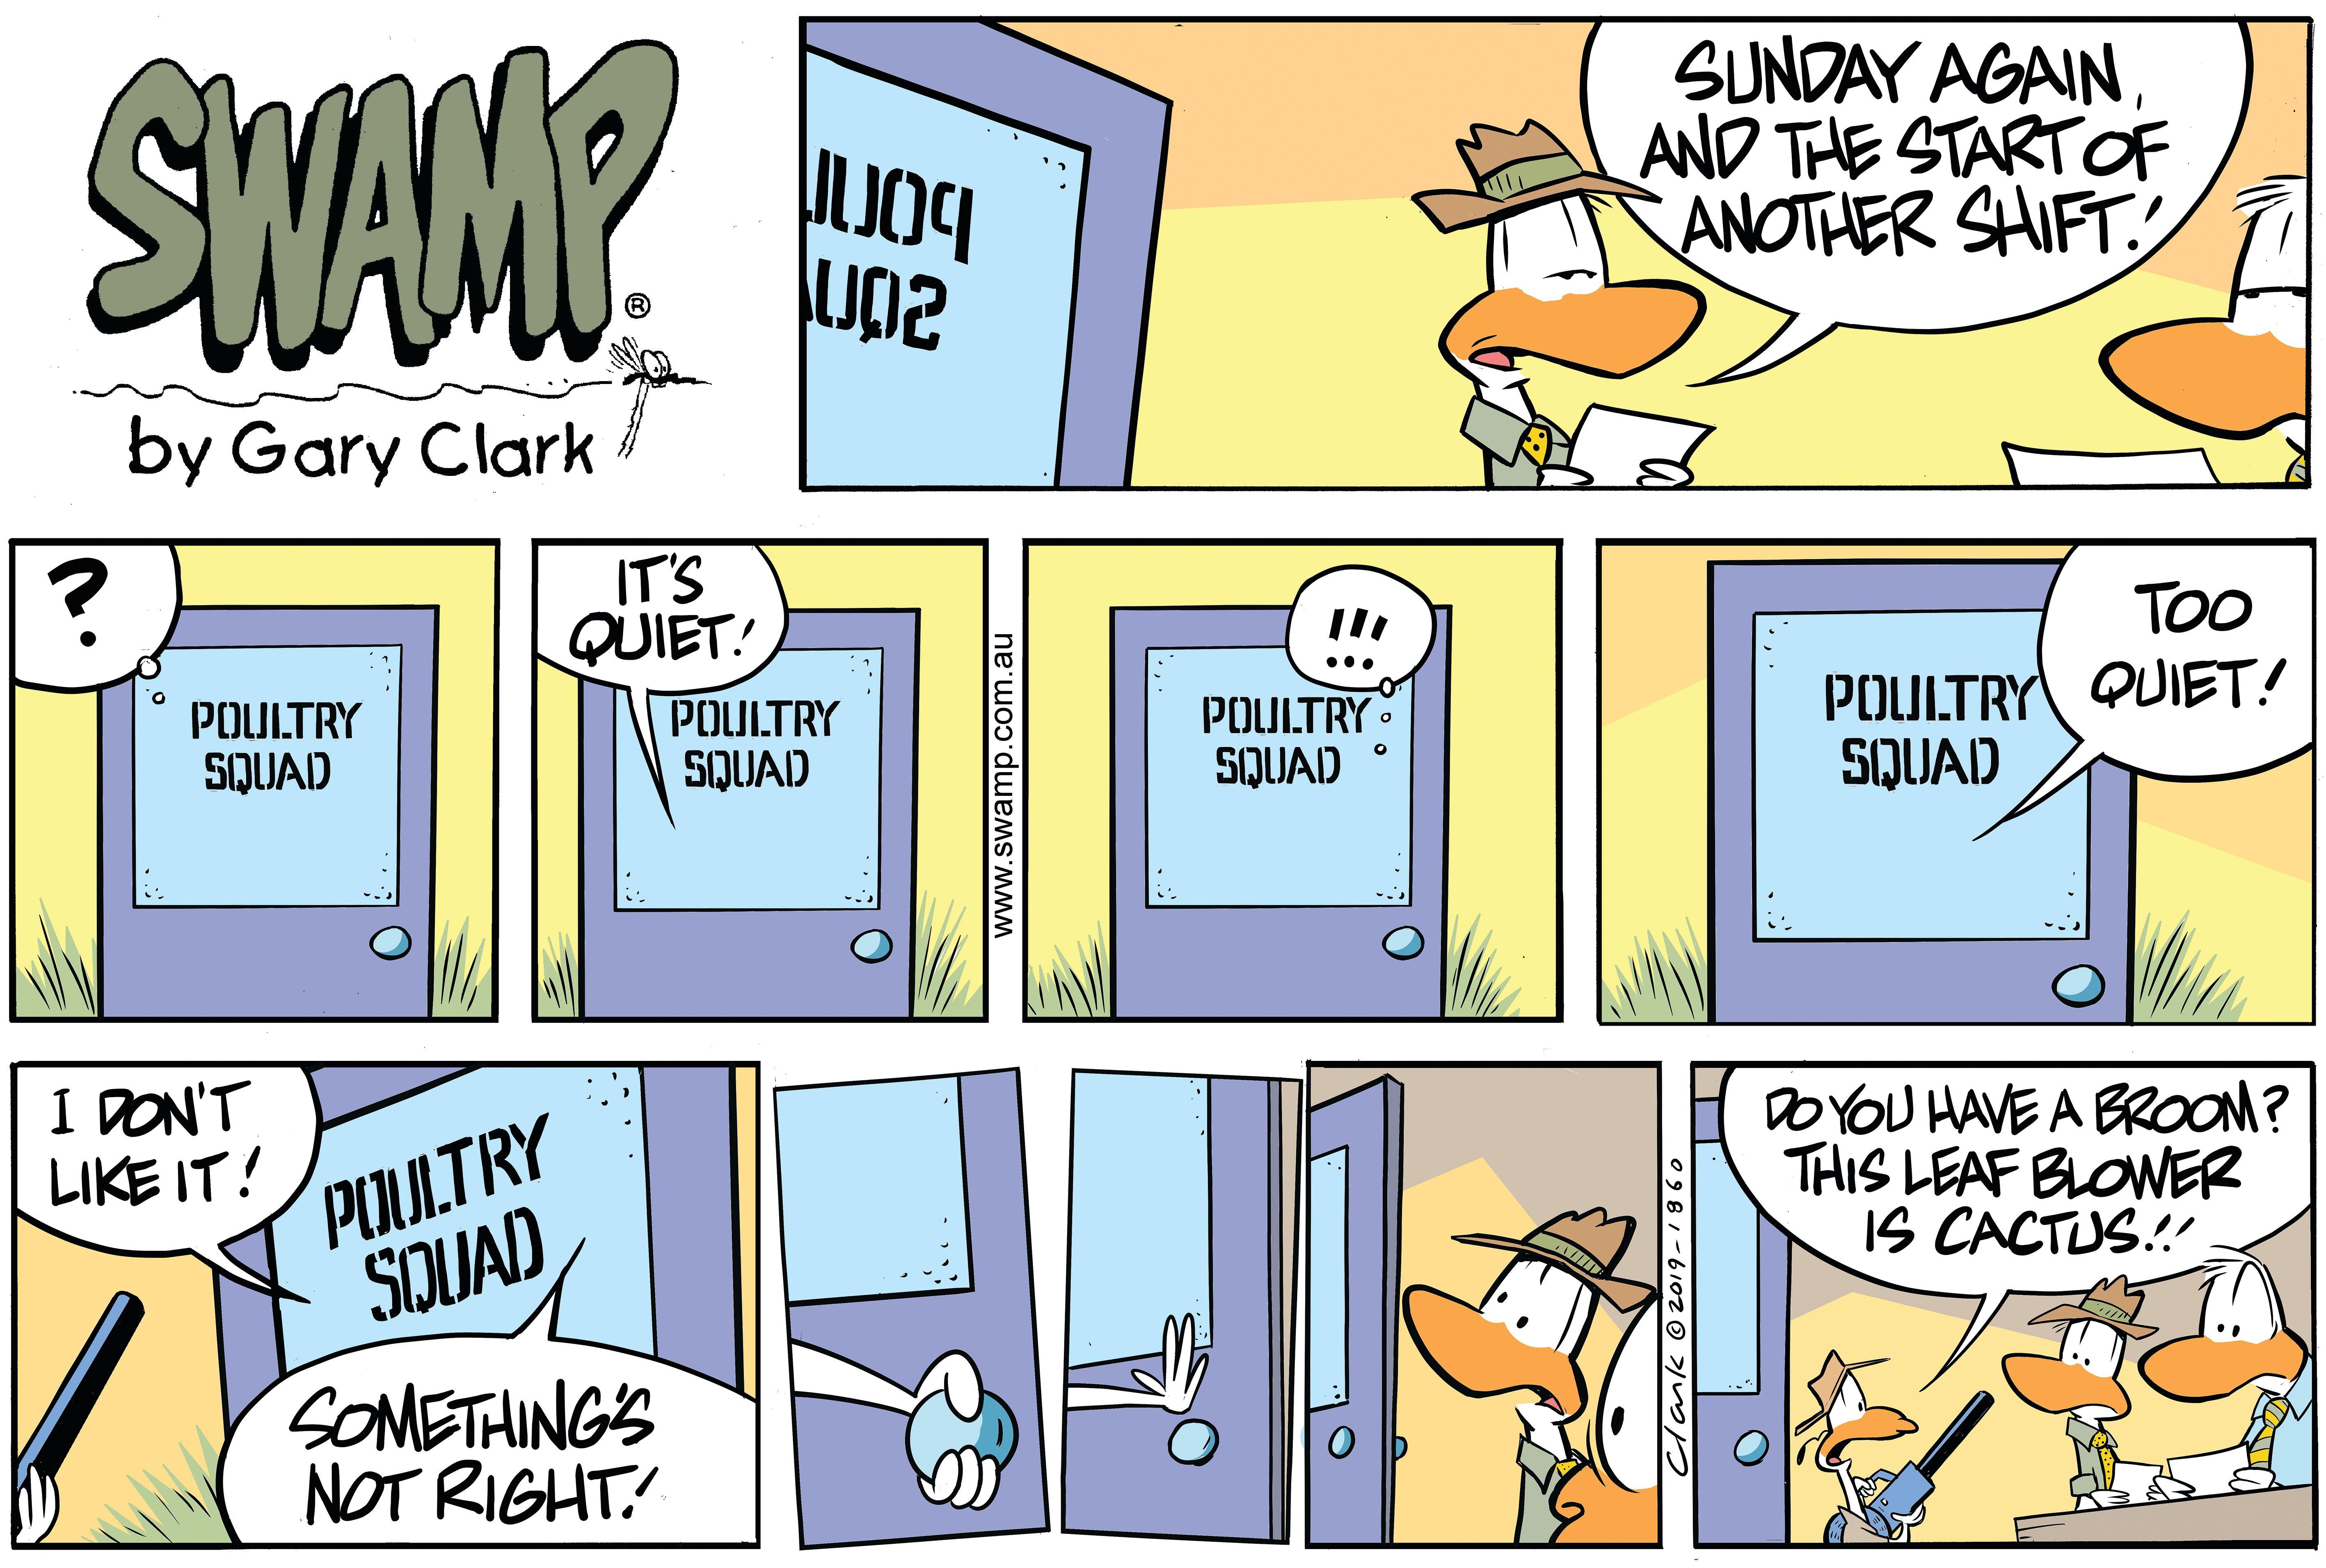 Poultry Squad Office Quiet